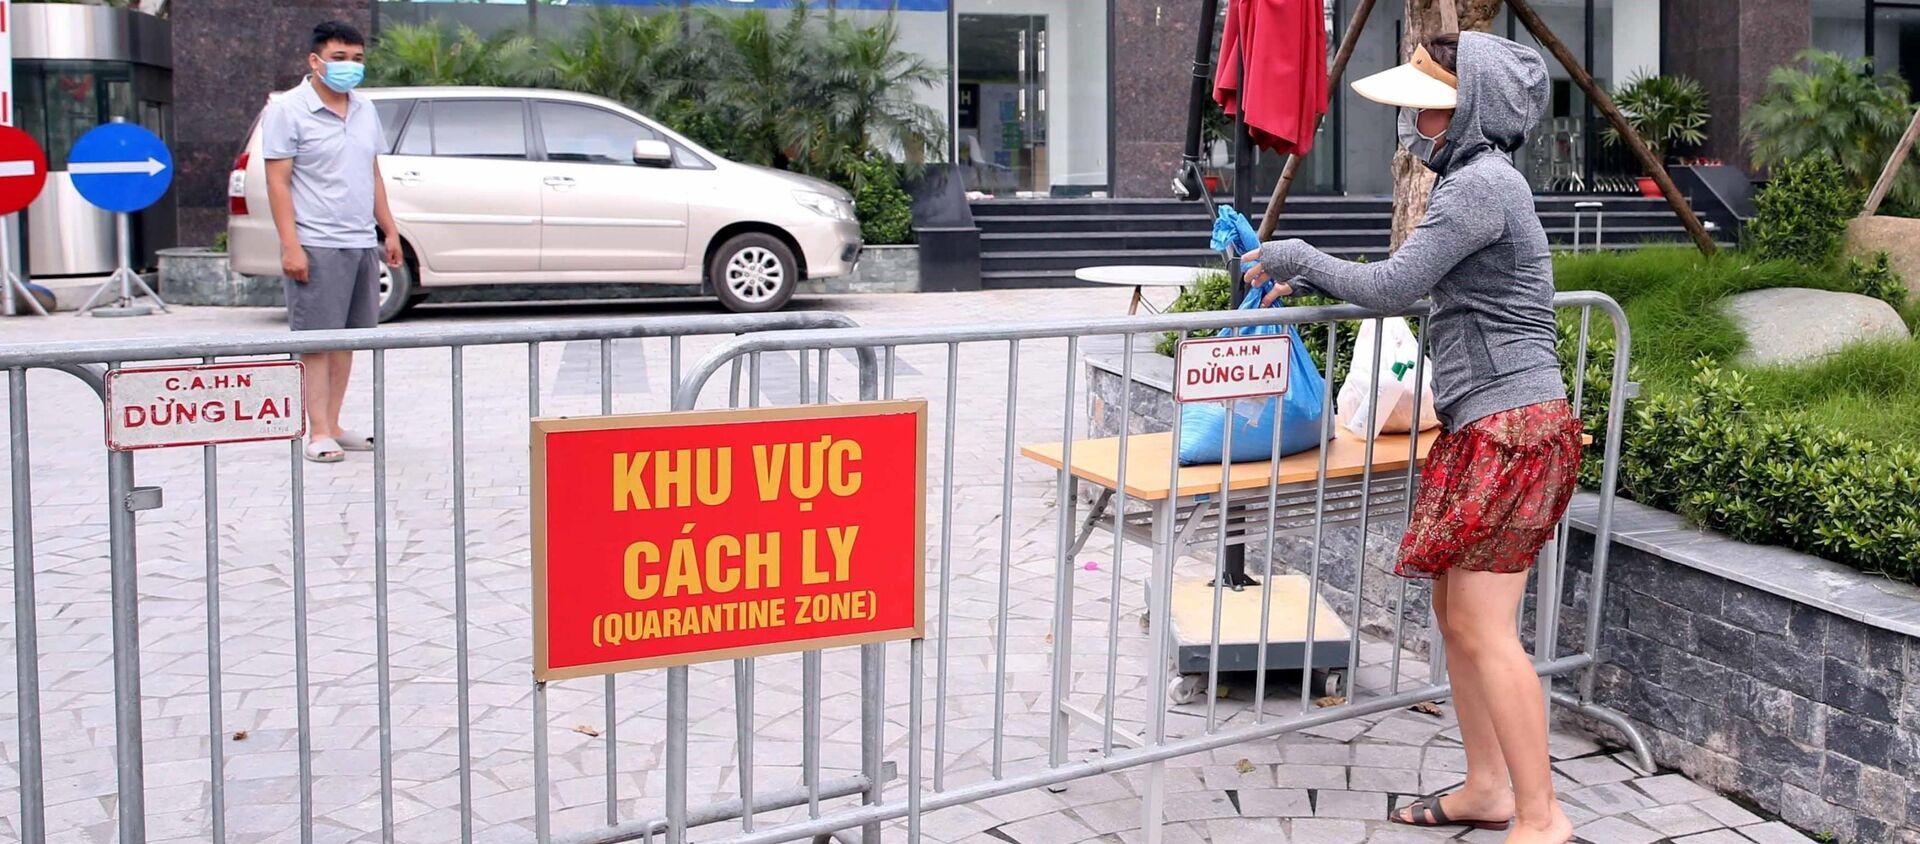 Ngày 2/5/2021, toà chung cư Viễn Đông Star (Hà Nội) được phong toả sau khi một cư dân nơi đây là nhân viên quán karaoke Sunny (Vĩnh Phúc) được xác định dương tính với SARS-CoV-2 - Sputnik Việt Nam, 1920, 03.05.2021